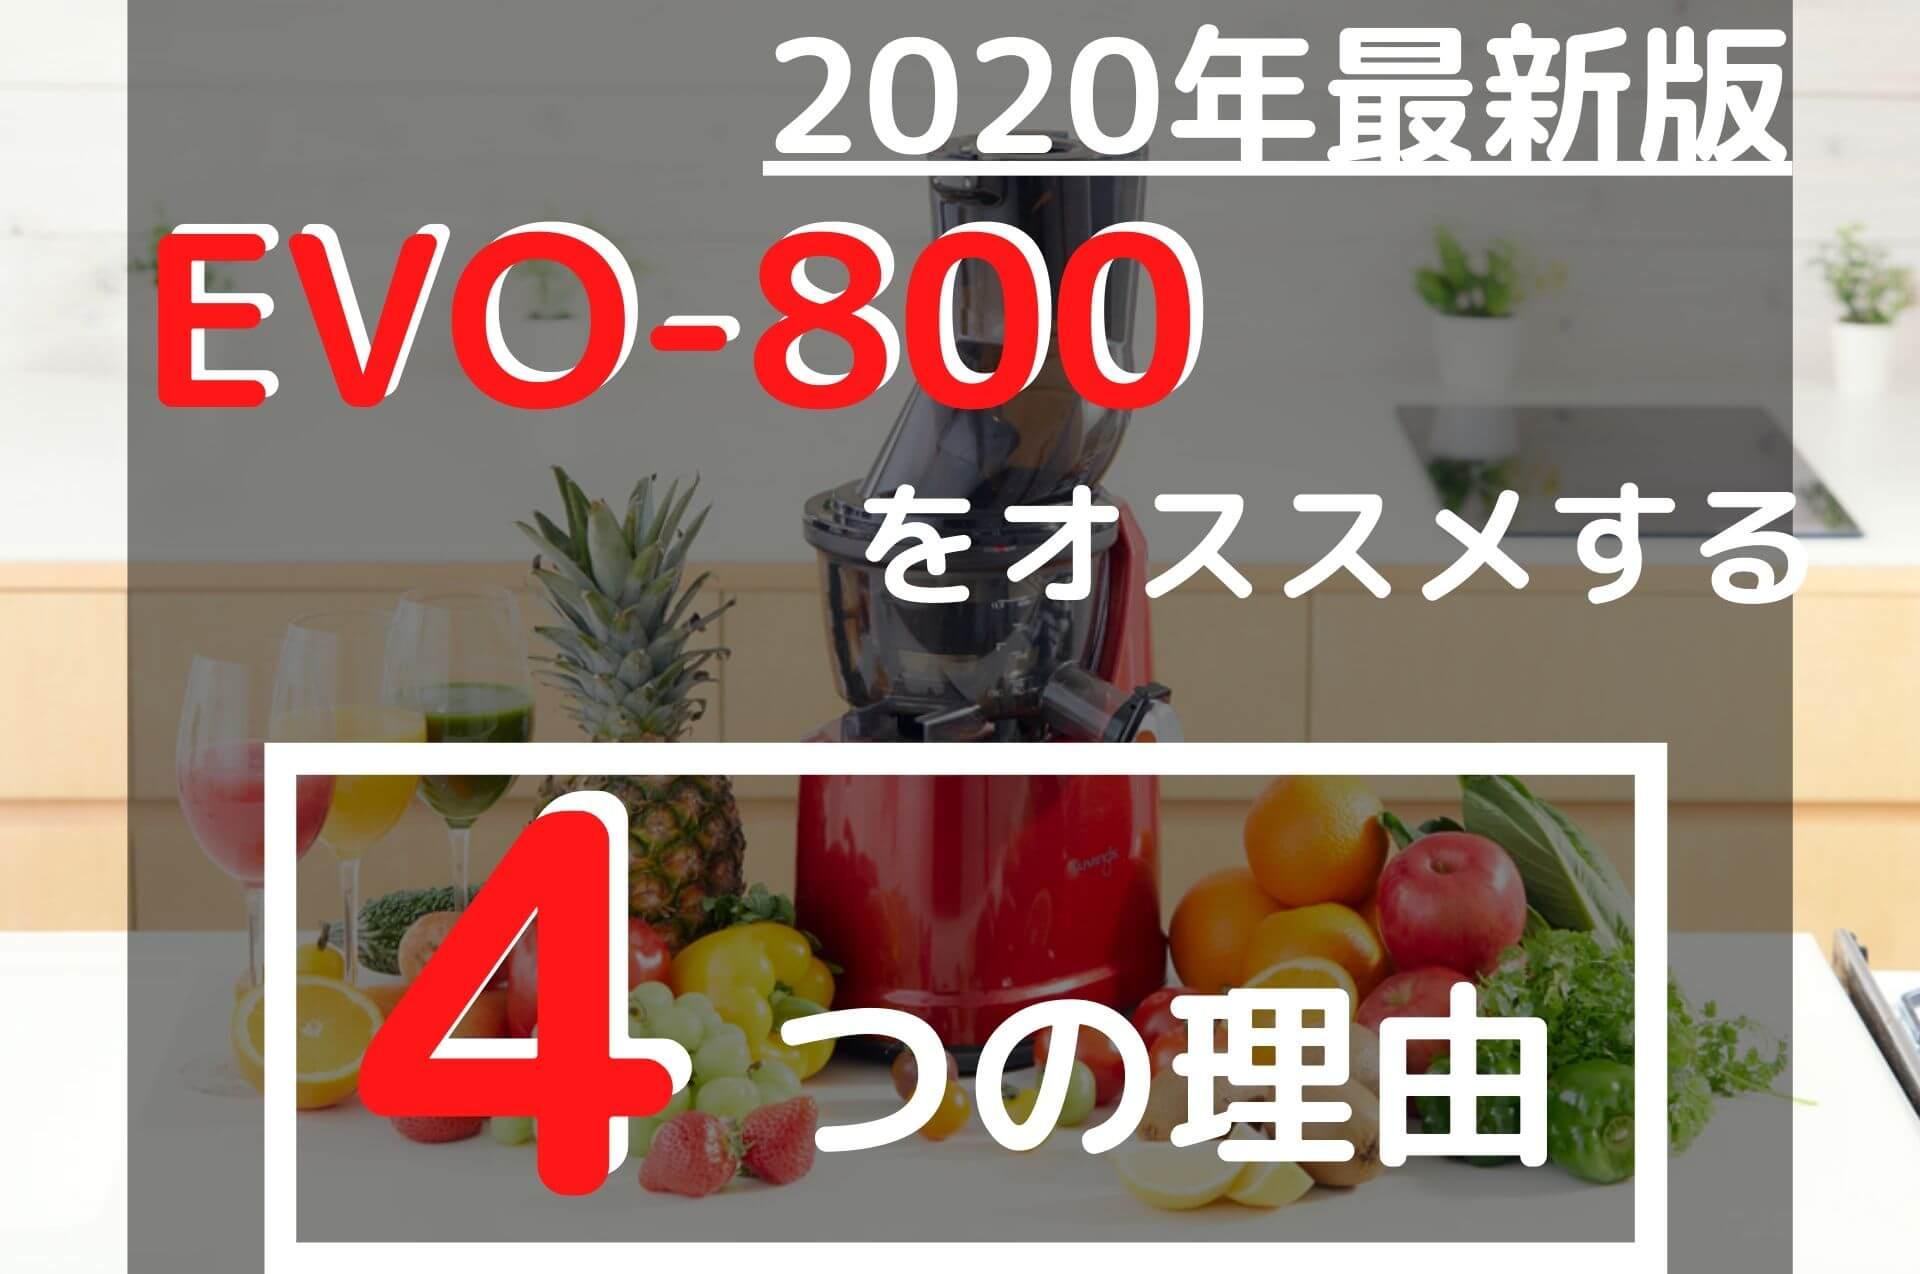 『【2020年版】クビンスのEVO-800をオススメする4つの理由!』記事のアイキャッチ画像